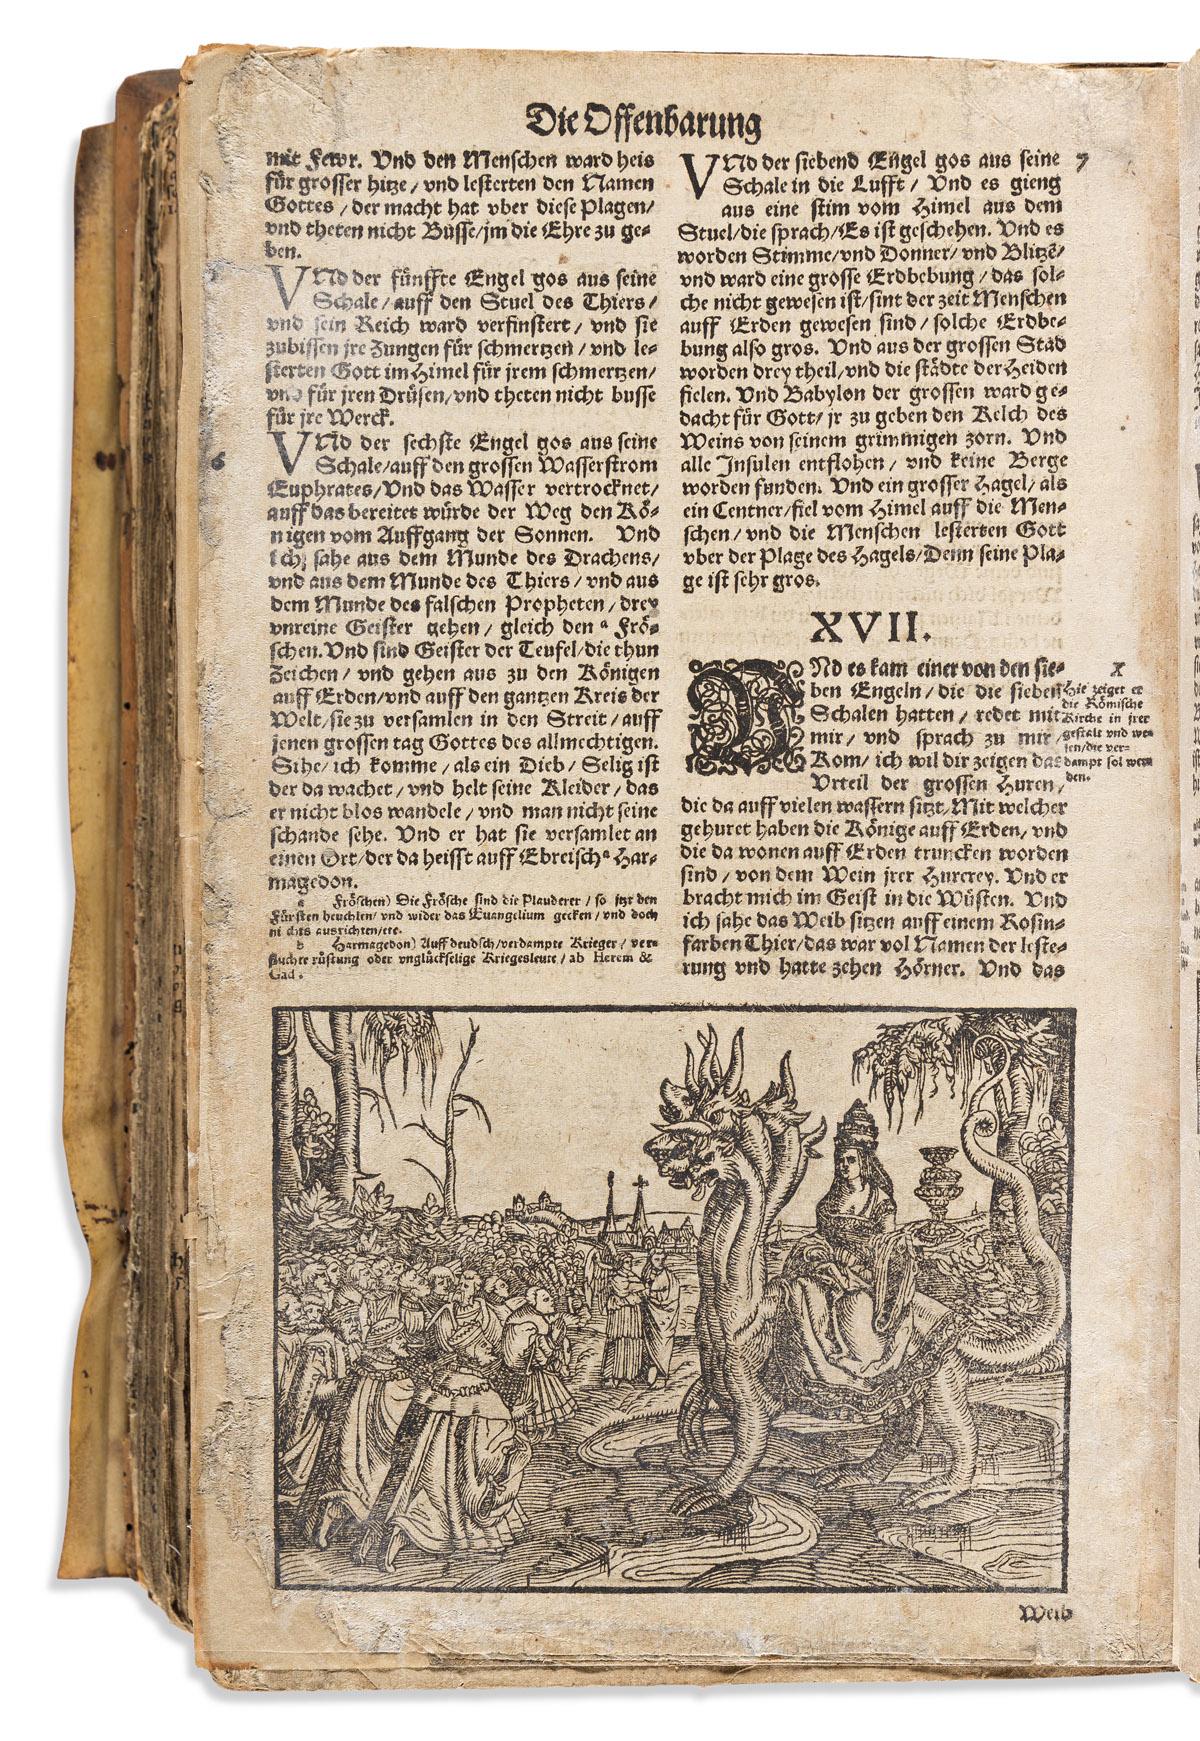 Bible, German, trans. Martin Luther (1483-1546) Biblia das ist: Die Gantze Heilige Schrifft Deudsch.